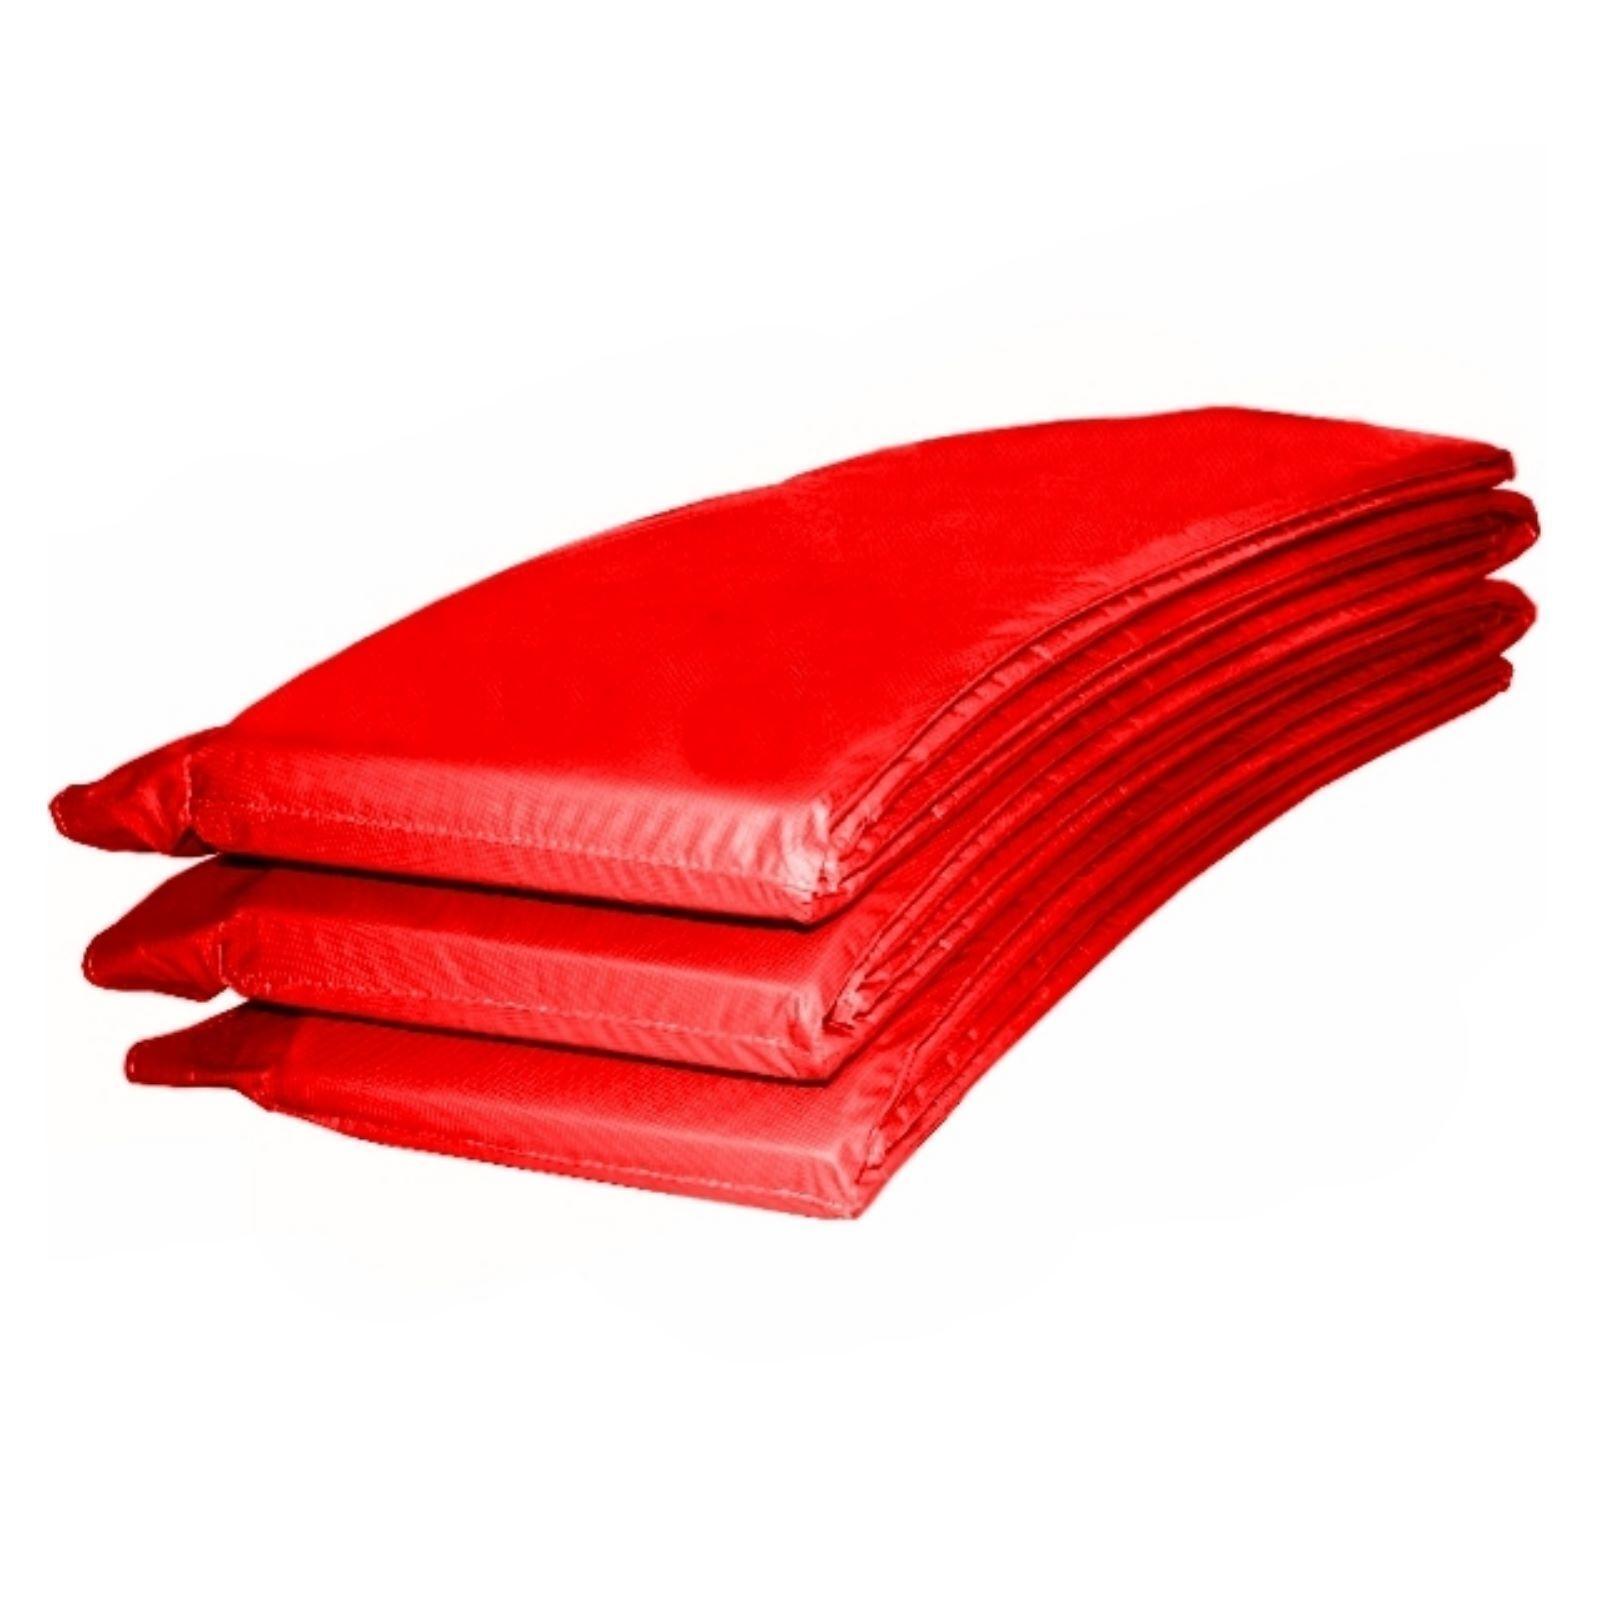 Randabdeckung Randpolsterung Abdeckplane in rot für Tr… | 04260399057597